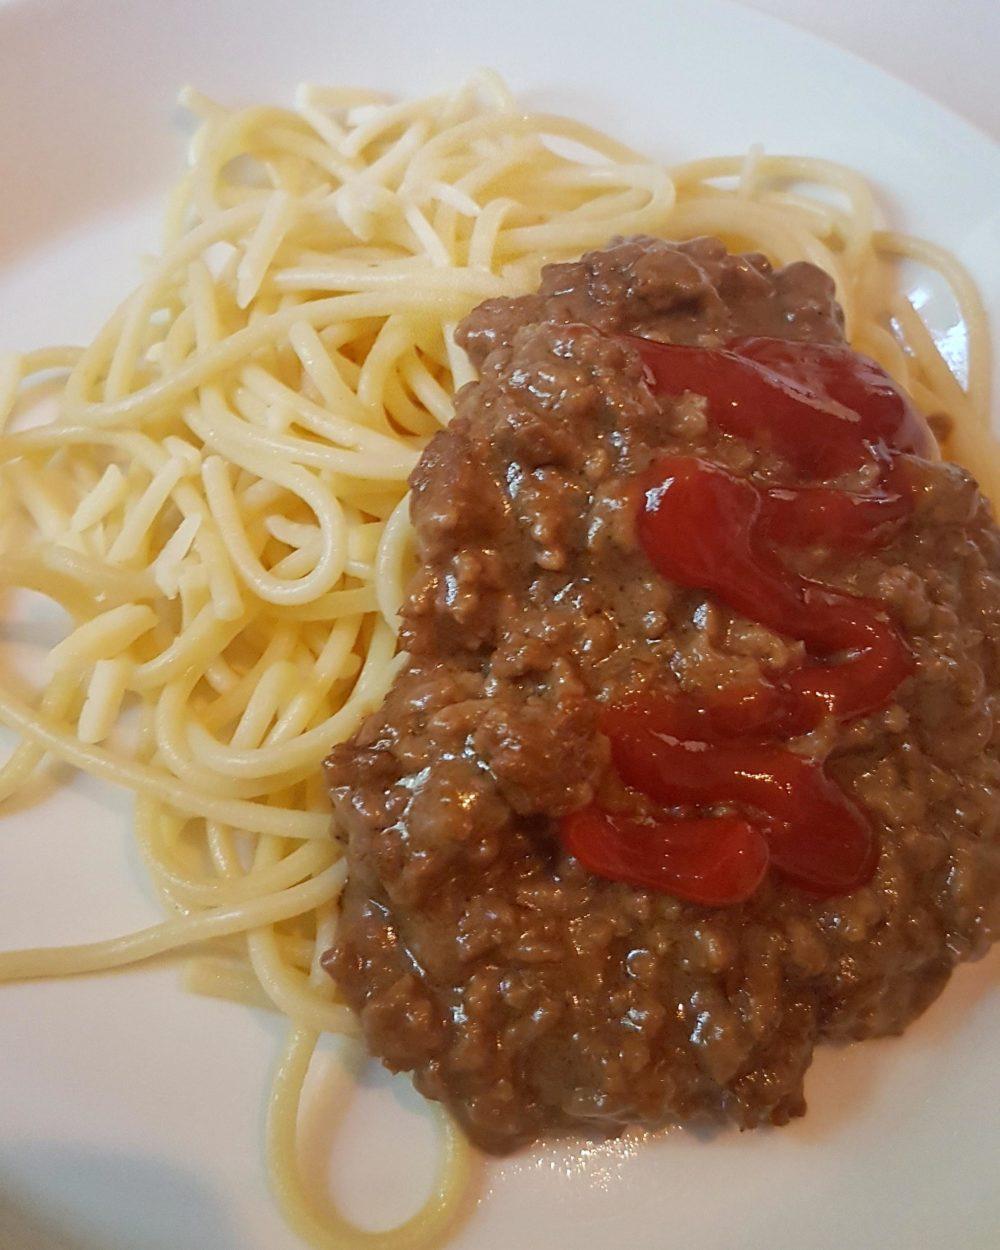 Helen J Holmberg - middag en allergi vänlig köttfärssås utan tomater och lök